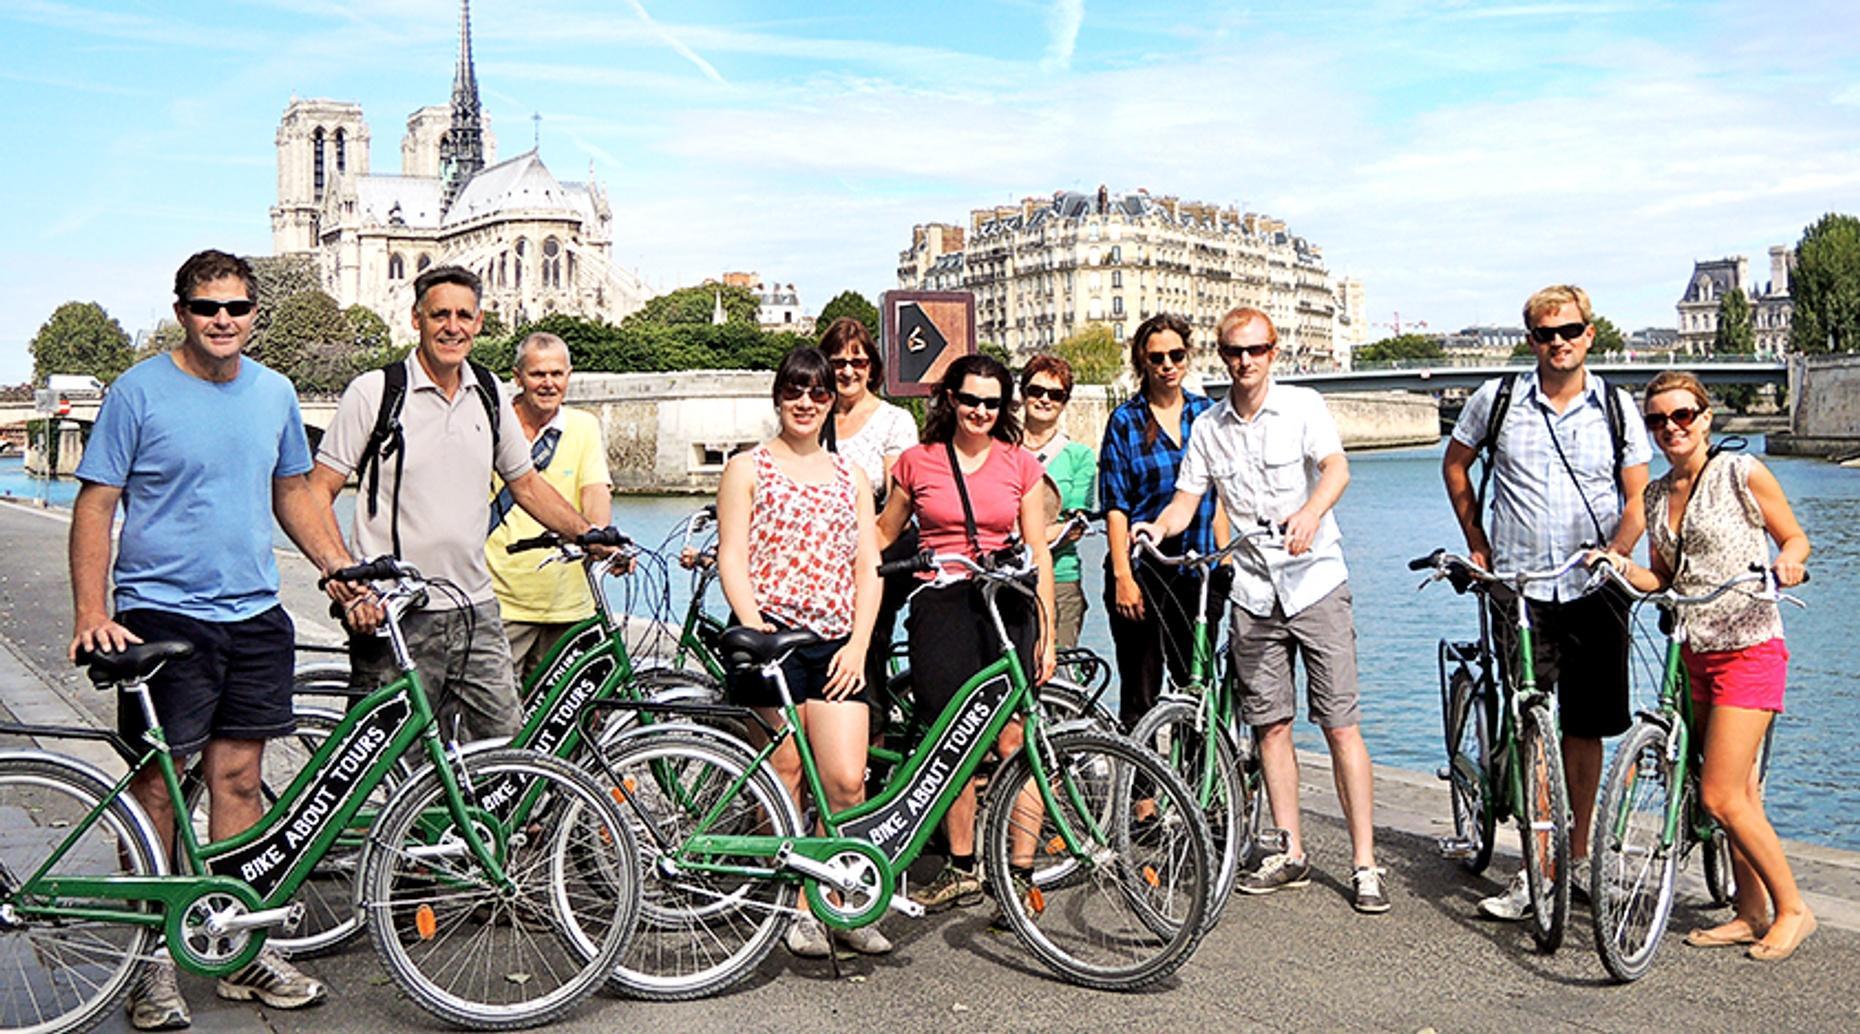 The Parisian Day Bike Tour